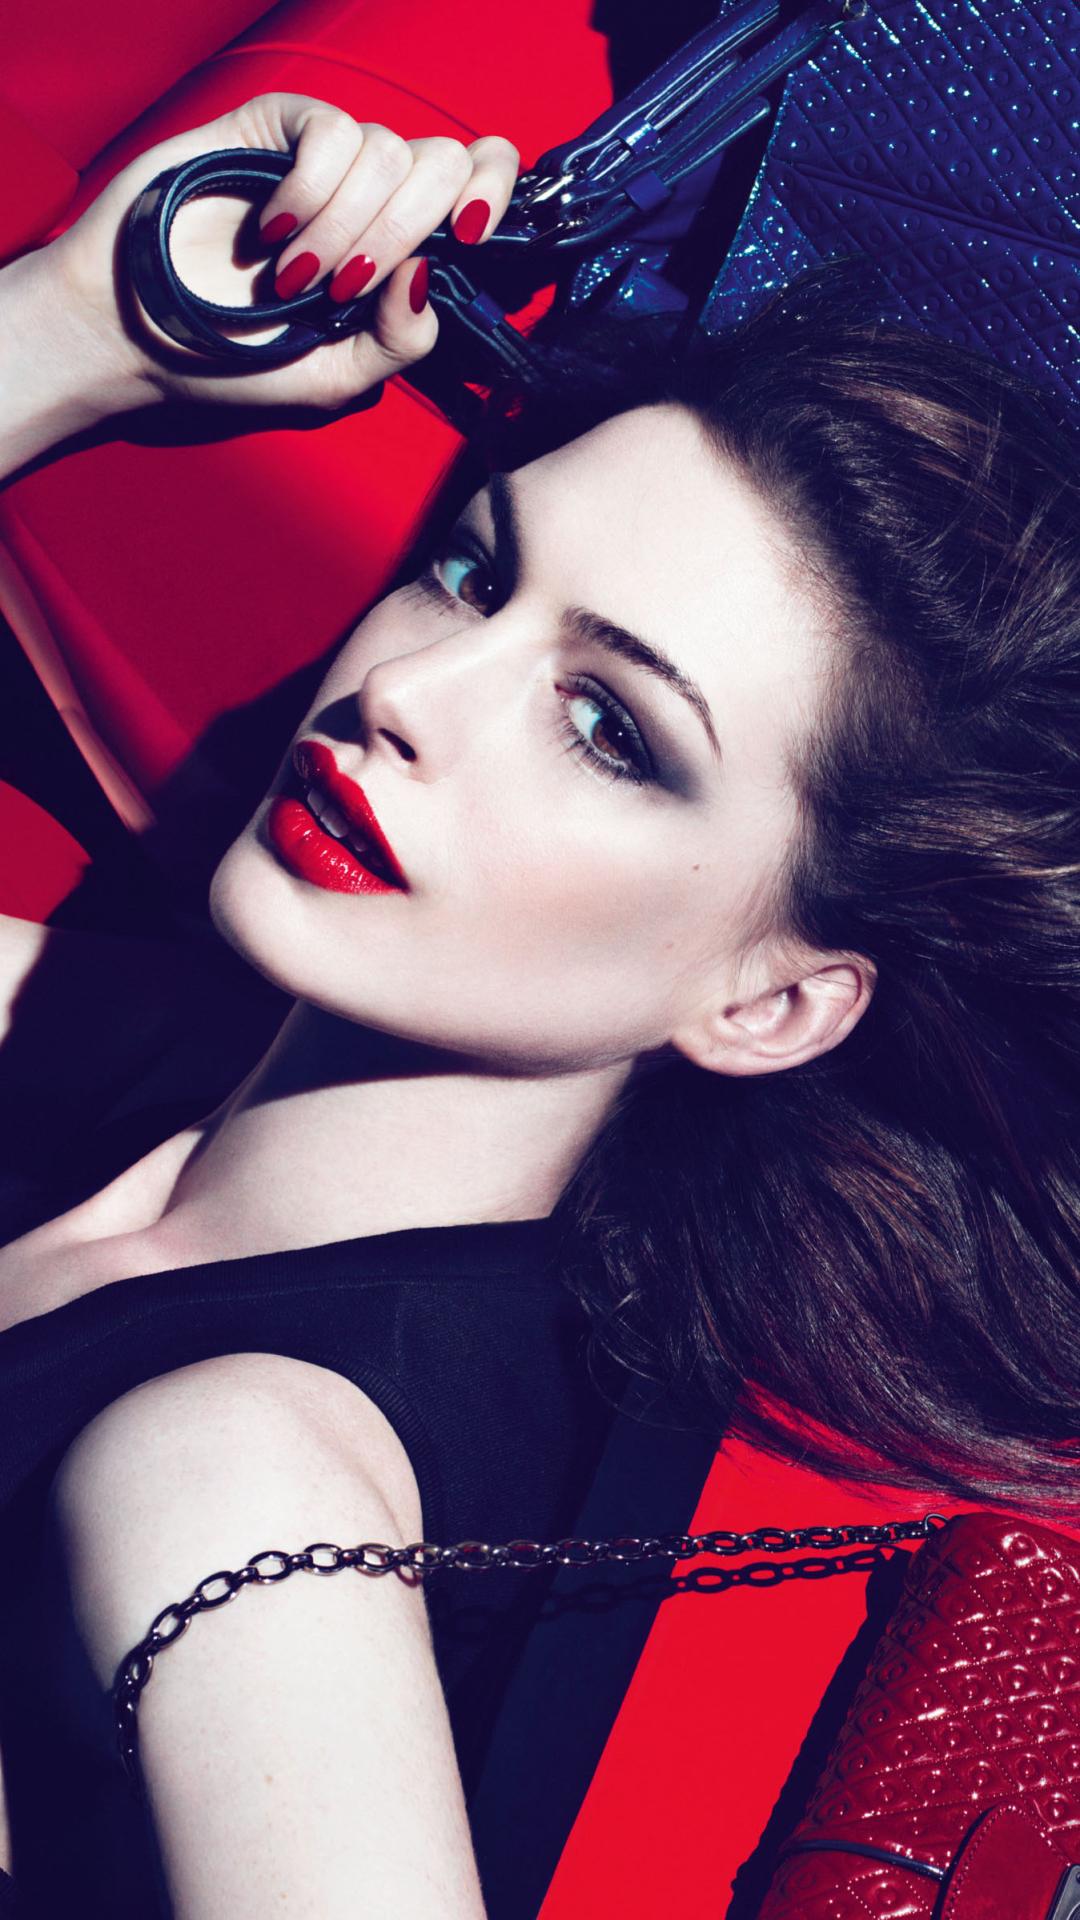 欧美 美女 红唇 长发